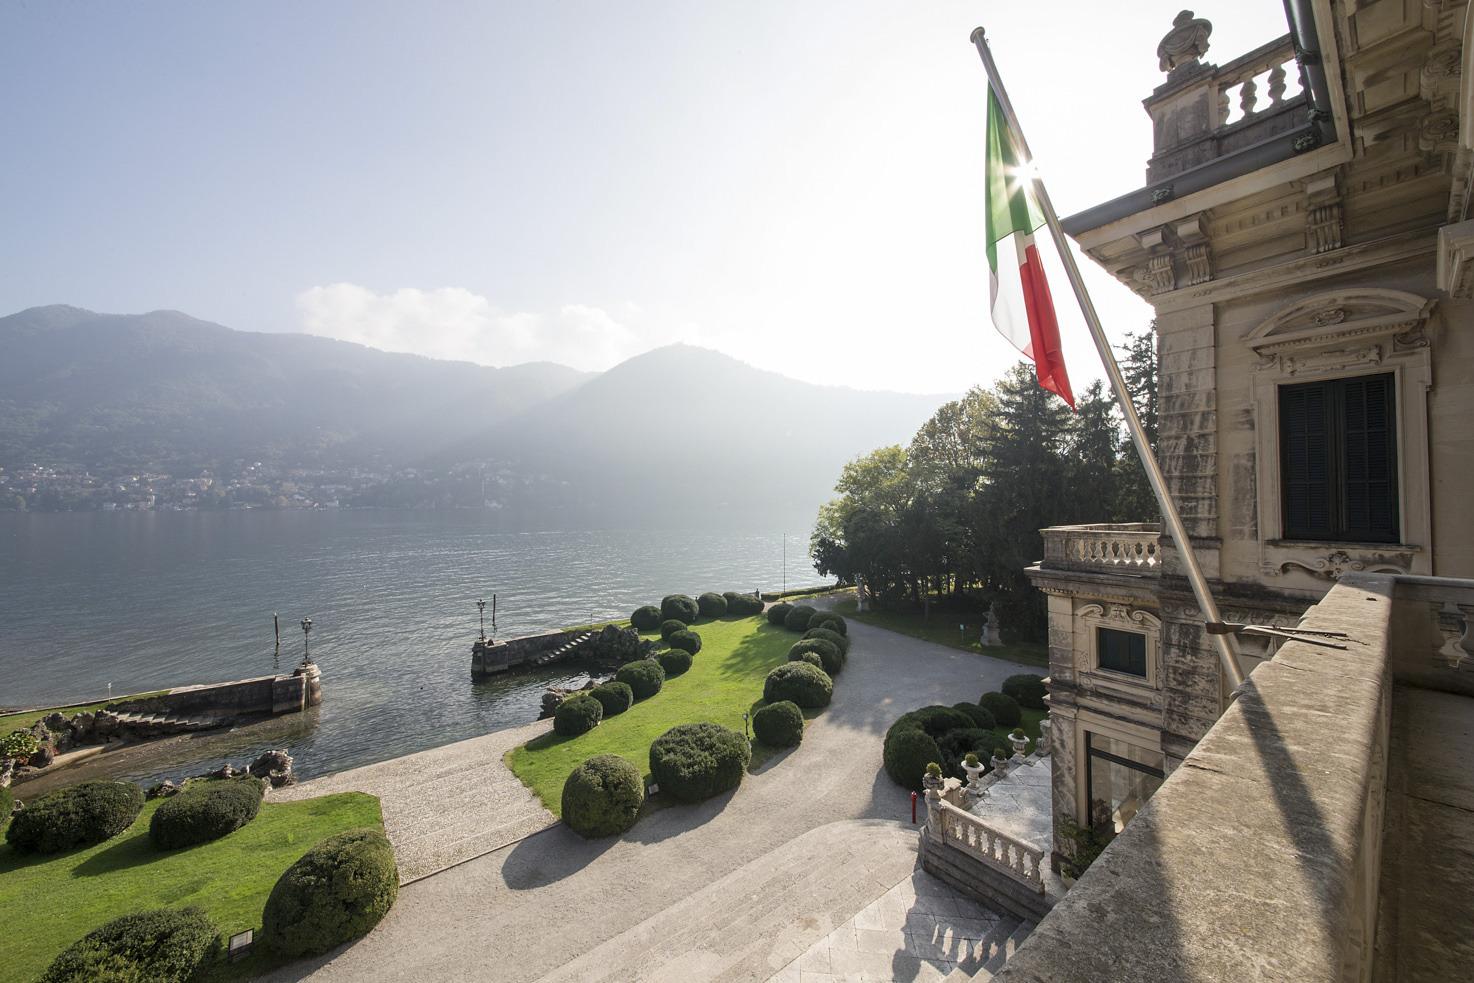 Terrace of Villa Erba on Lake Como